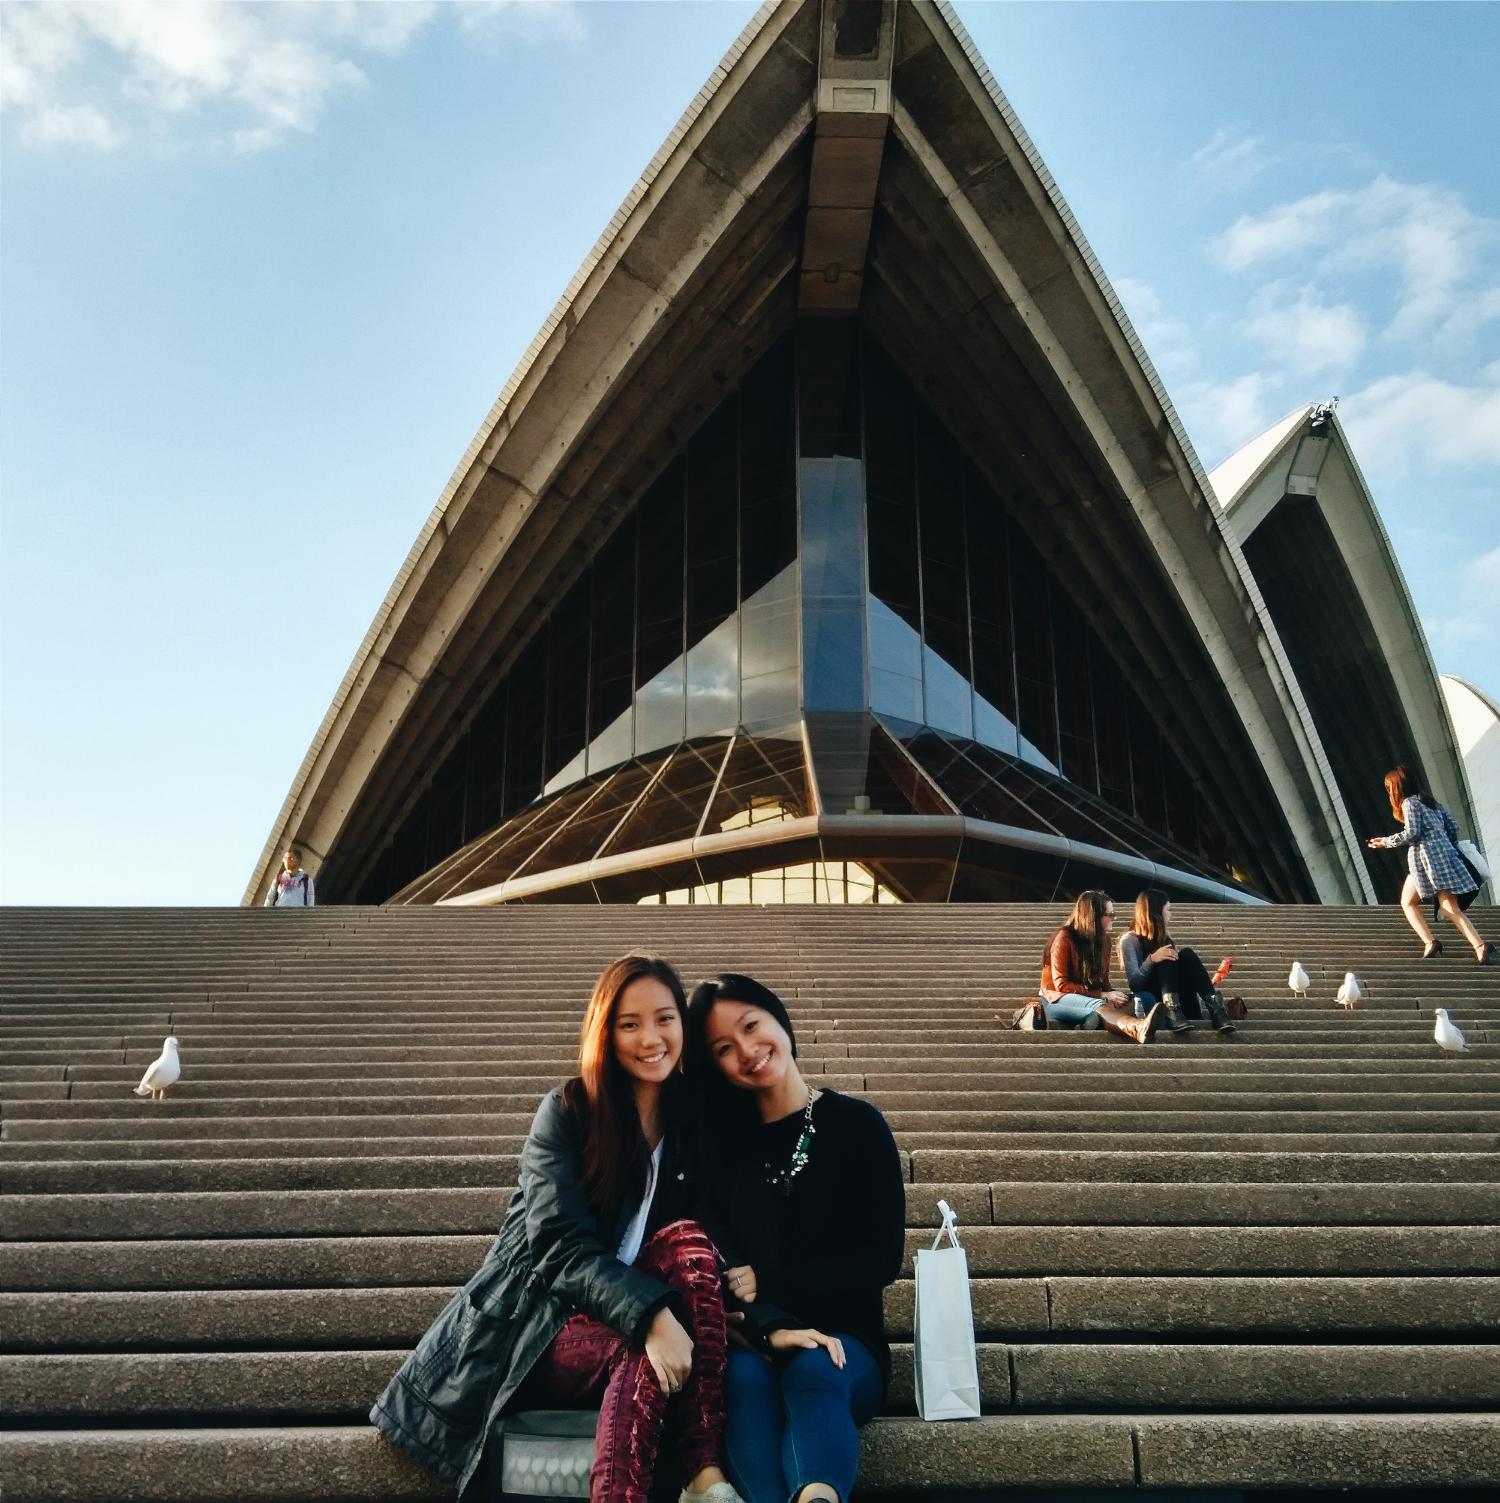 Mandatory Opera House picture